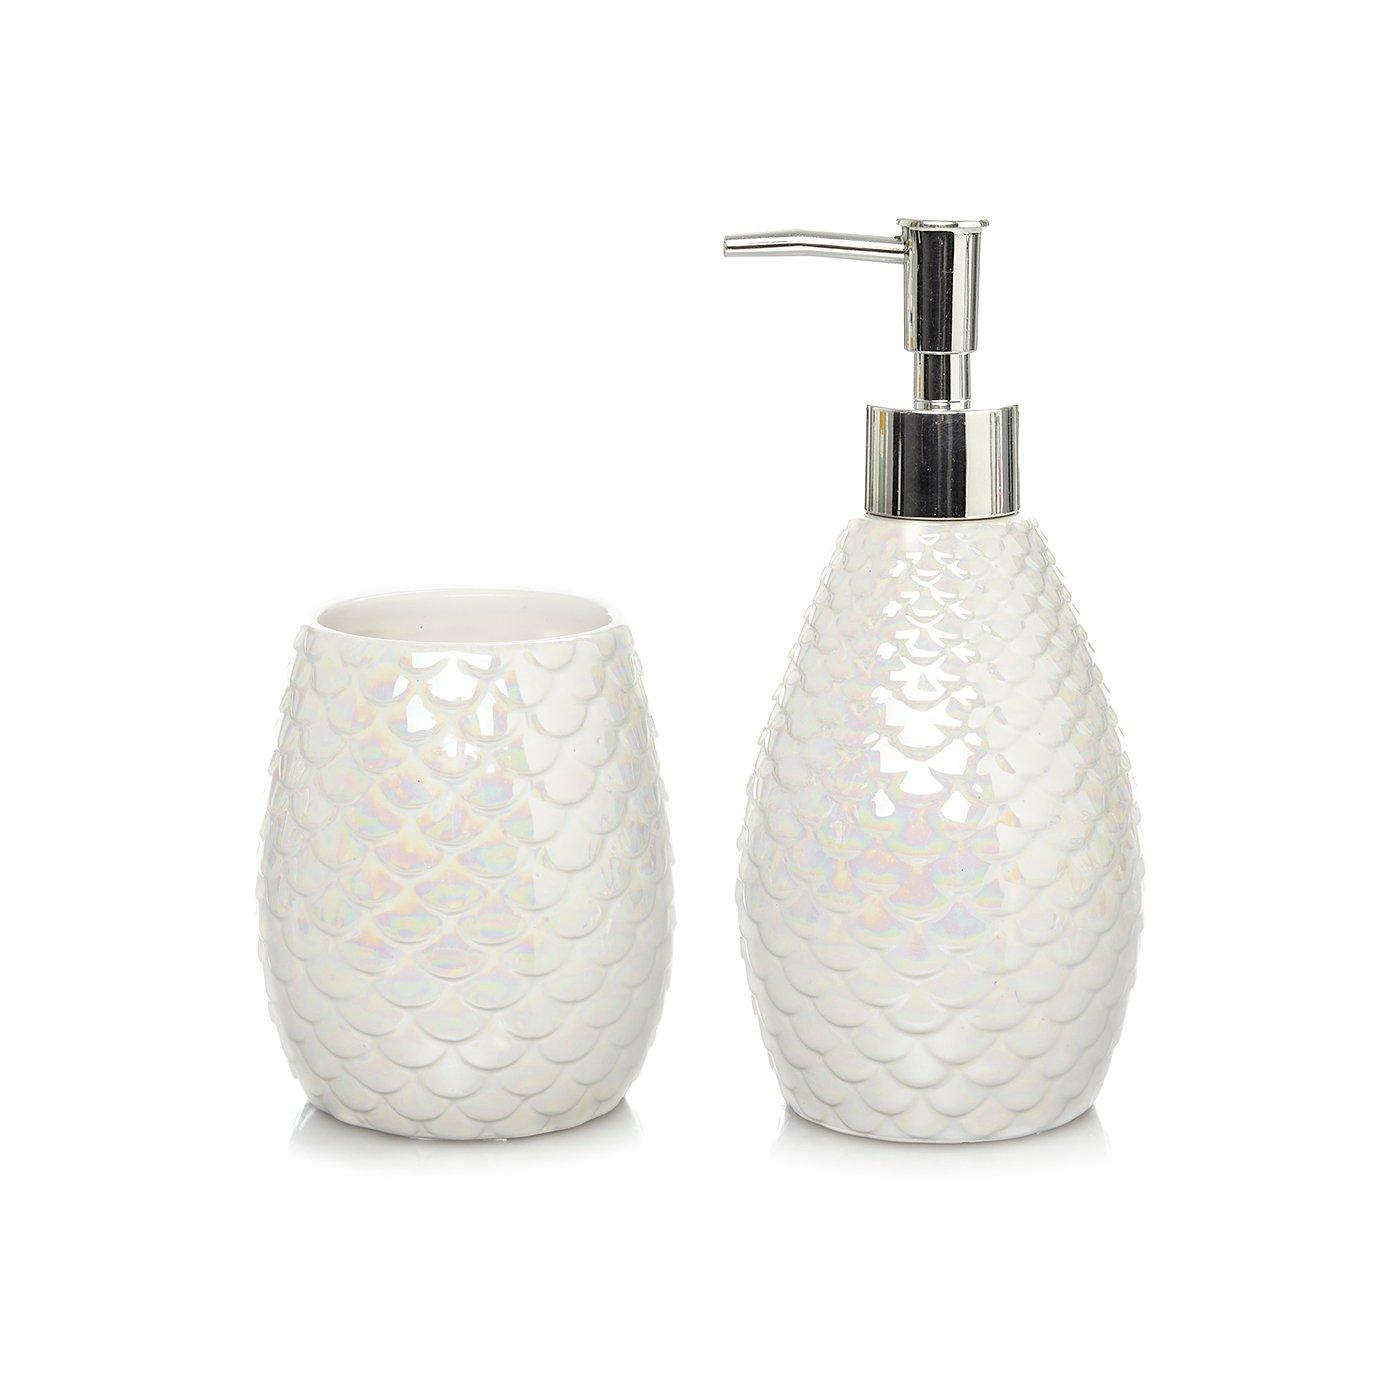 Range Bathroom Accessories - Home Decorating Ideas & Interior Design